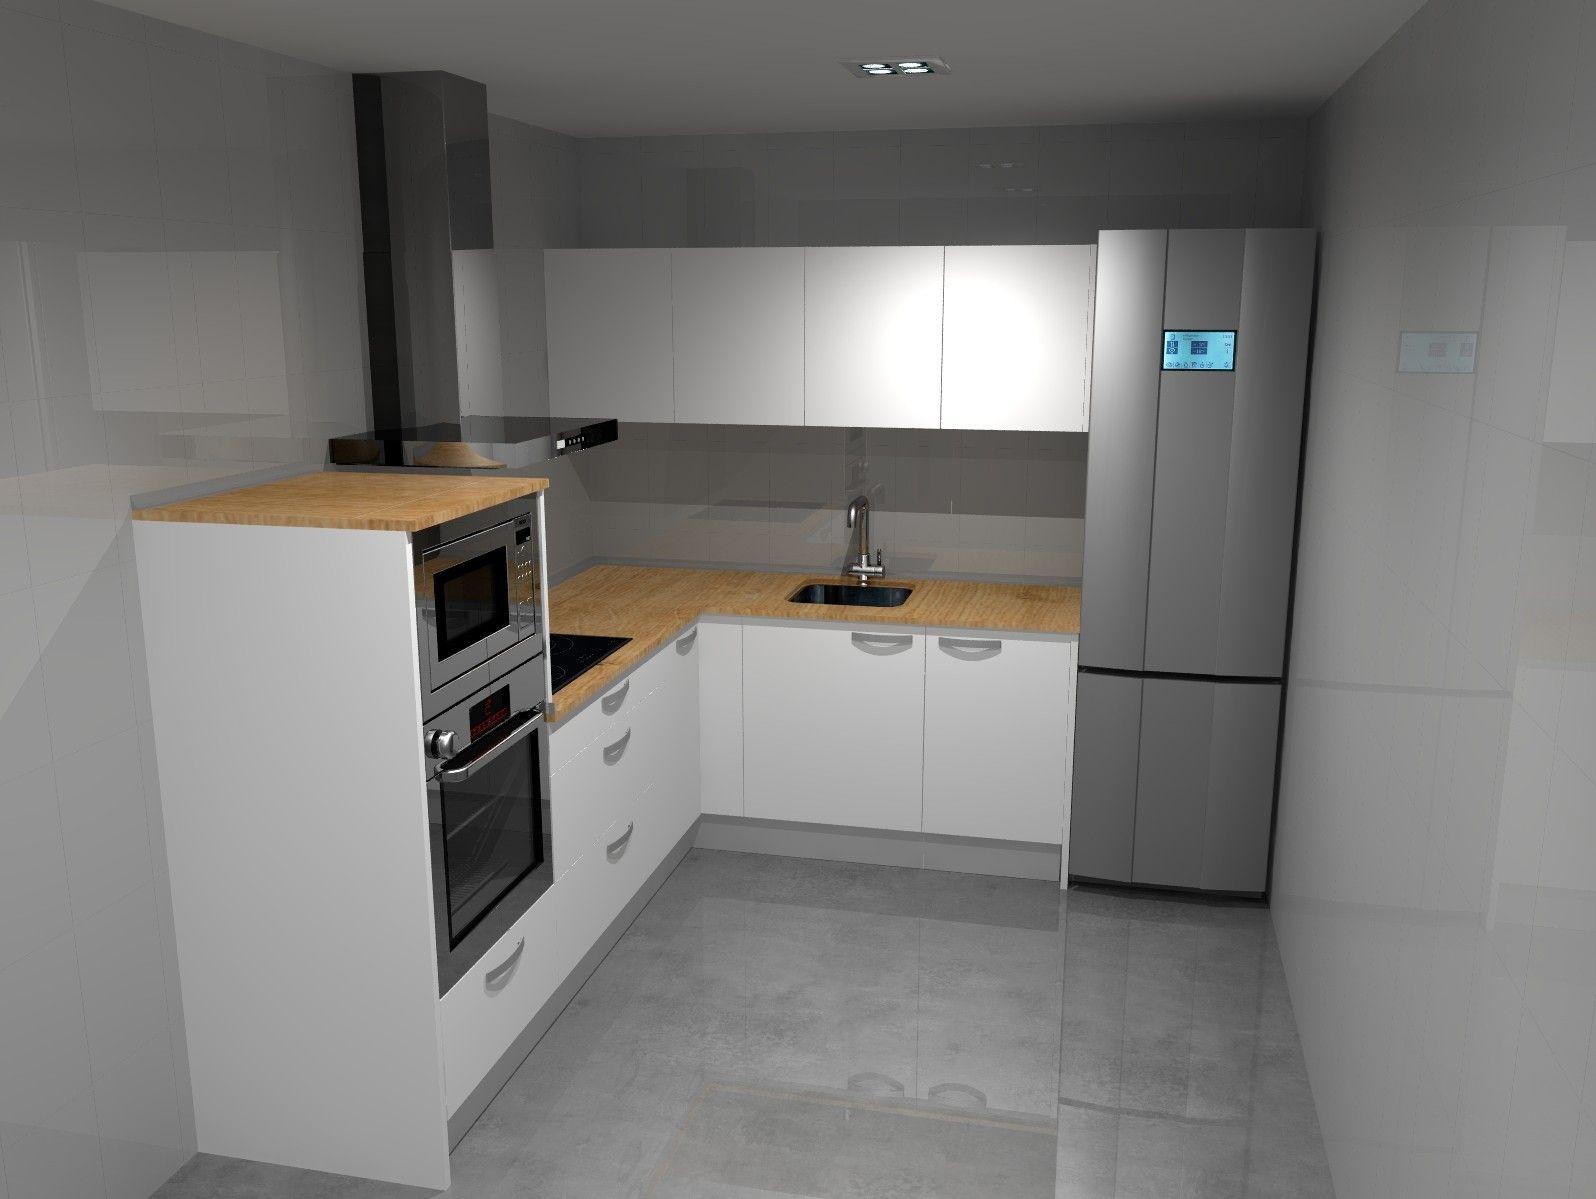 Foto 4 de Muebles de cocina en Media Legua | Muebles de ...